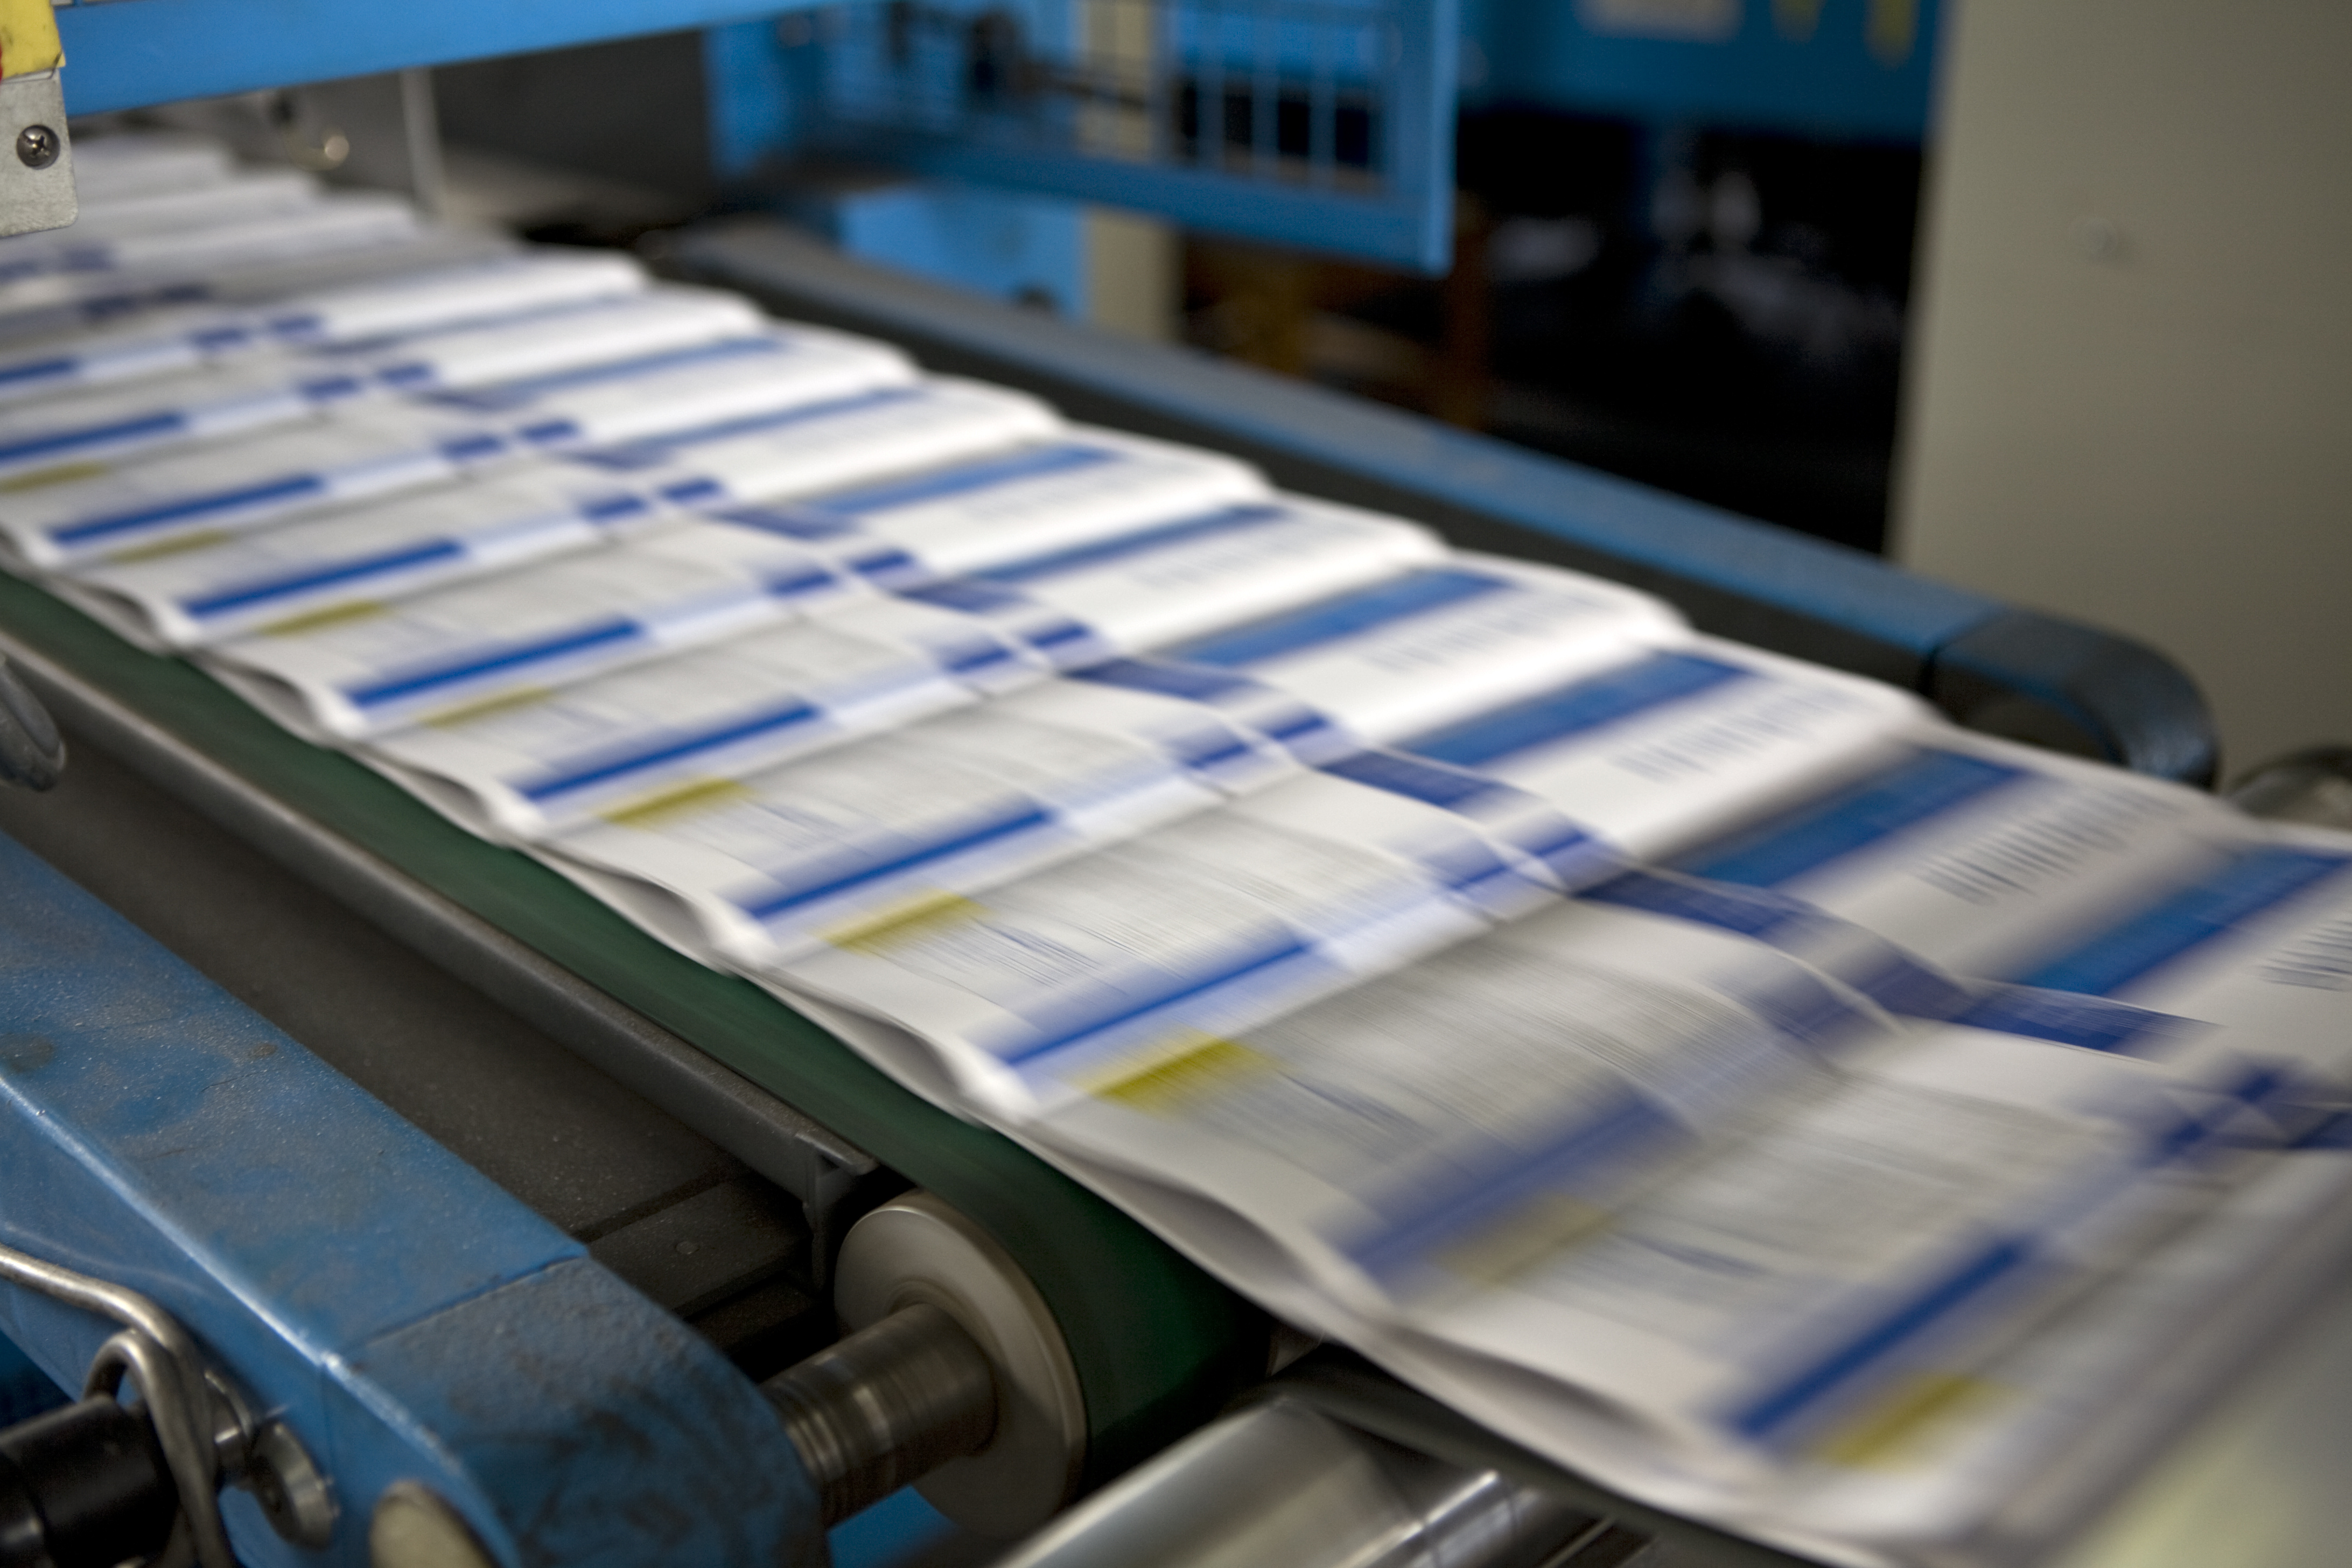 imprimeur spécialisé pour les brochures, agrafées, dos collées, pour petits et grands tirage  sur la Rochelle en charente maritime avec l'imprimerie en ligne www.impression-ing.fr